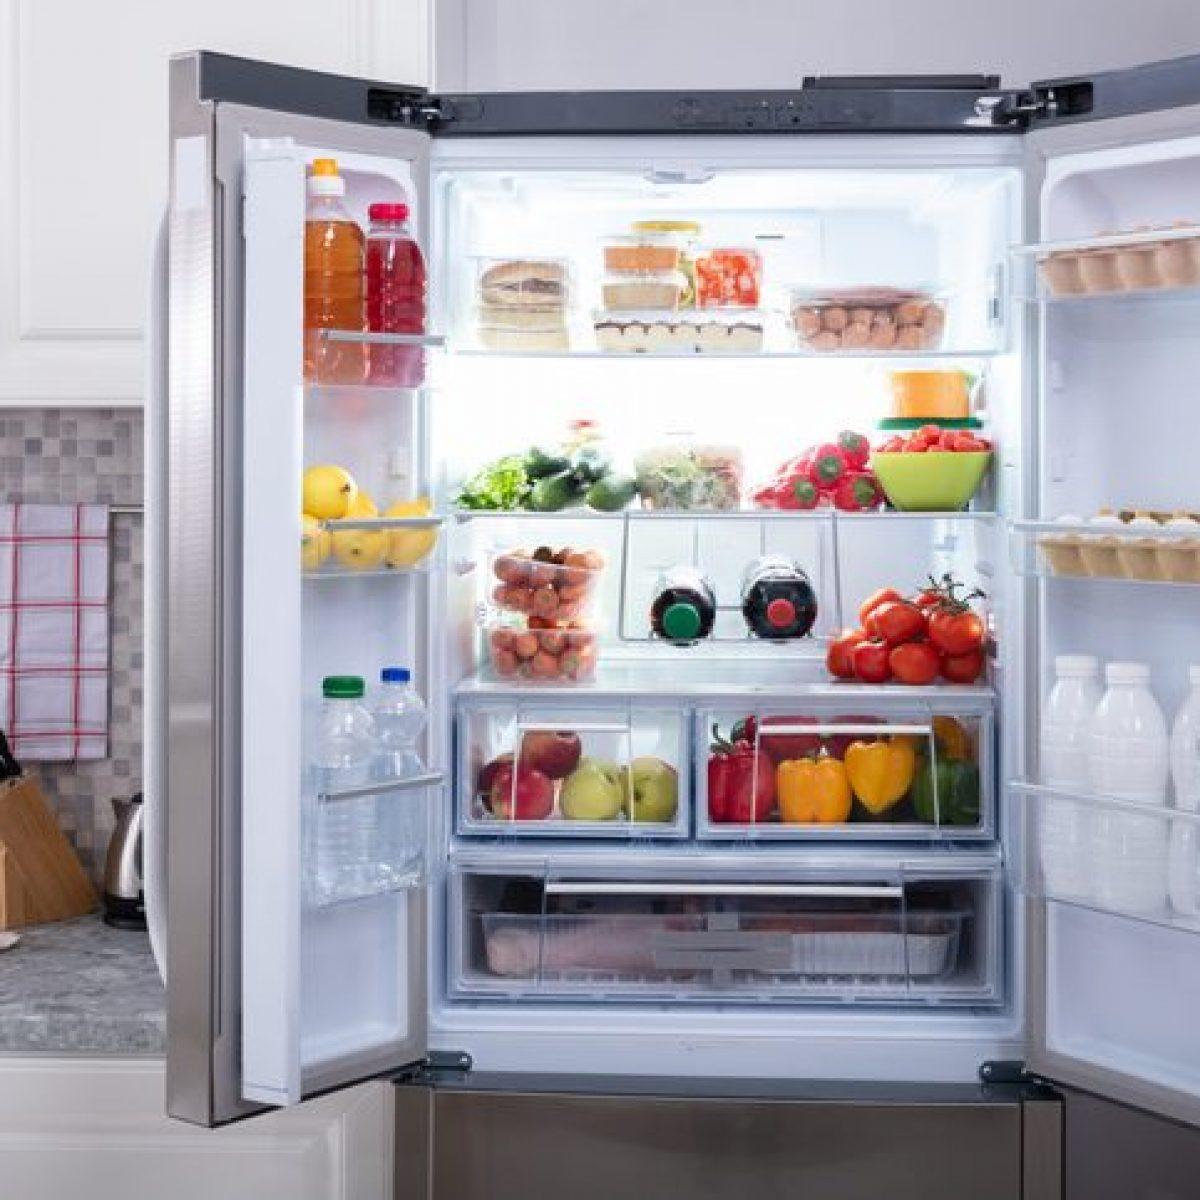 Differenza Classe A+ E A++ i 10 migliori frigoriferi: prezzi, marche e tipologie a